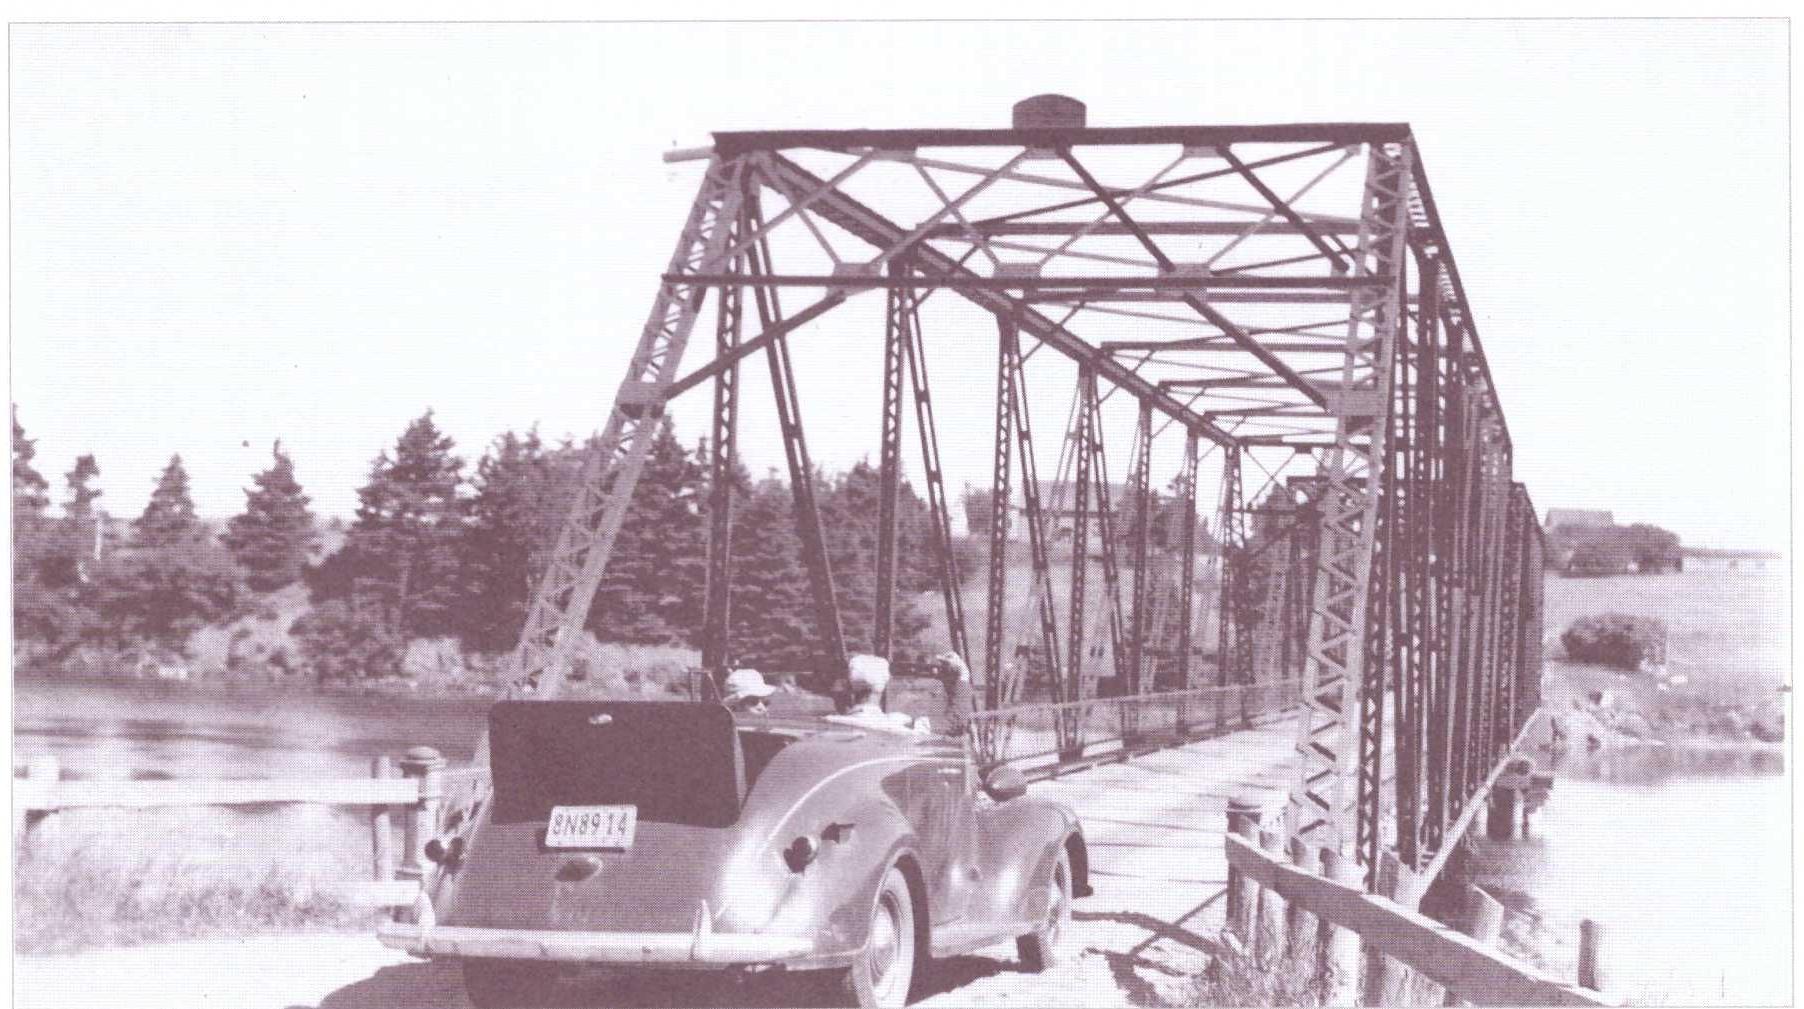 Crossing Fortune Bridge, 1930s.